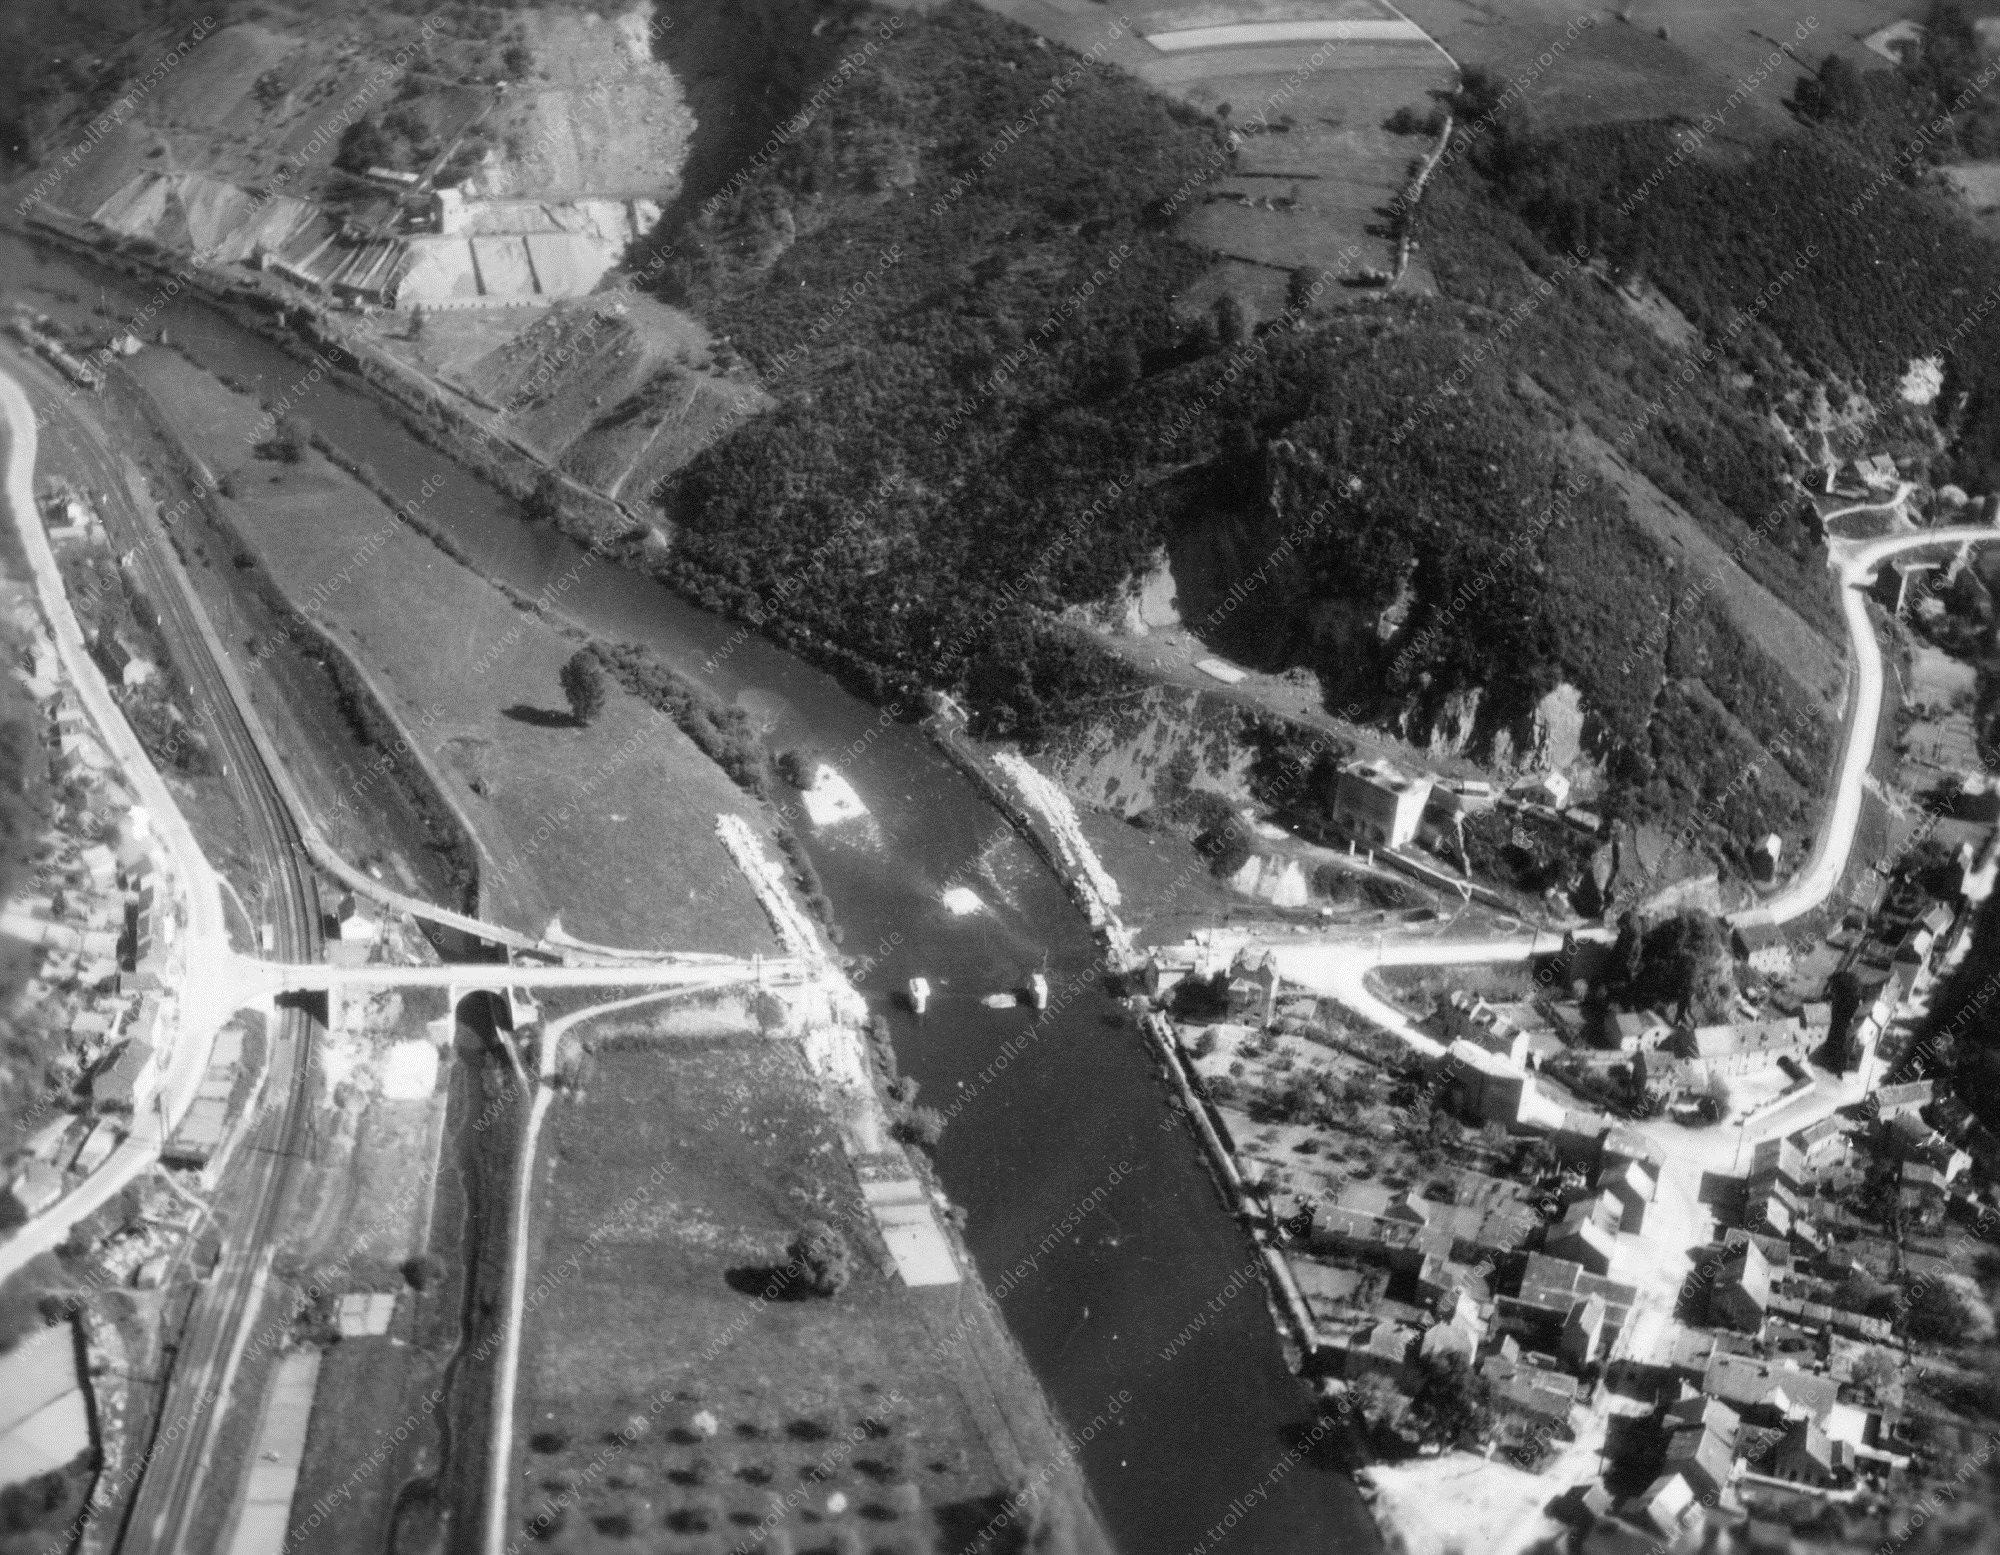 Comblain-au-Pont Luftbild der zerstörten Brücke Pont de Chanxhe (Belgien)